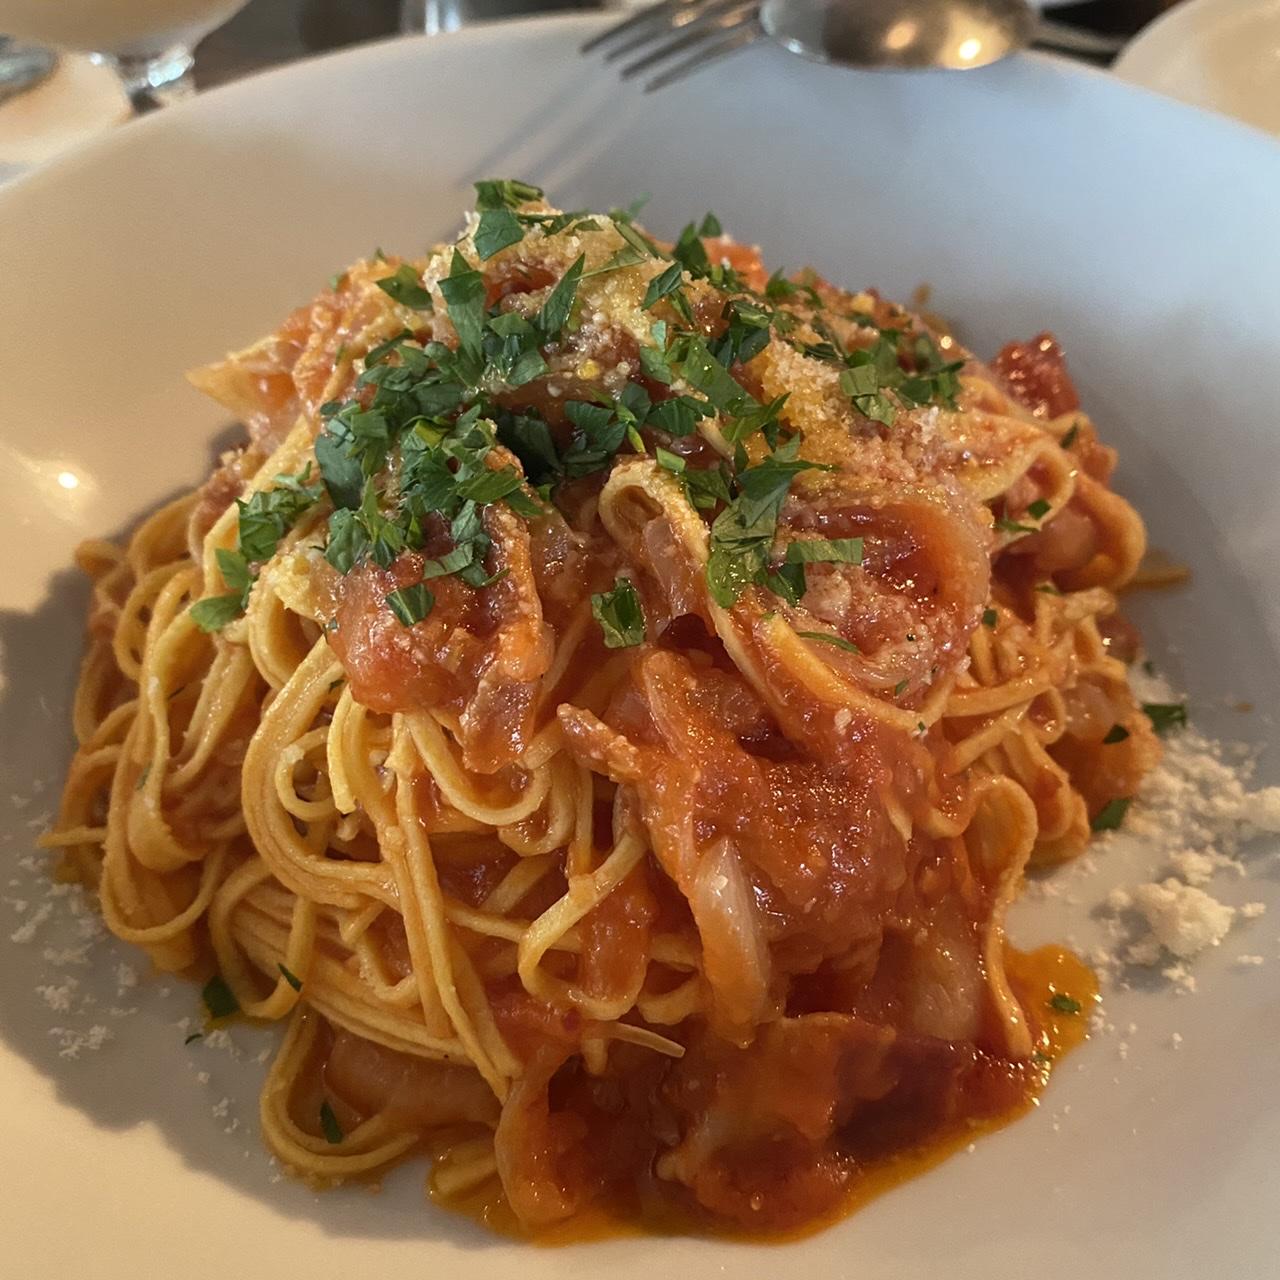 代官山のIVY PLACEのスパゲティトマトのアマトリチャーナ